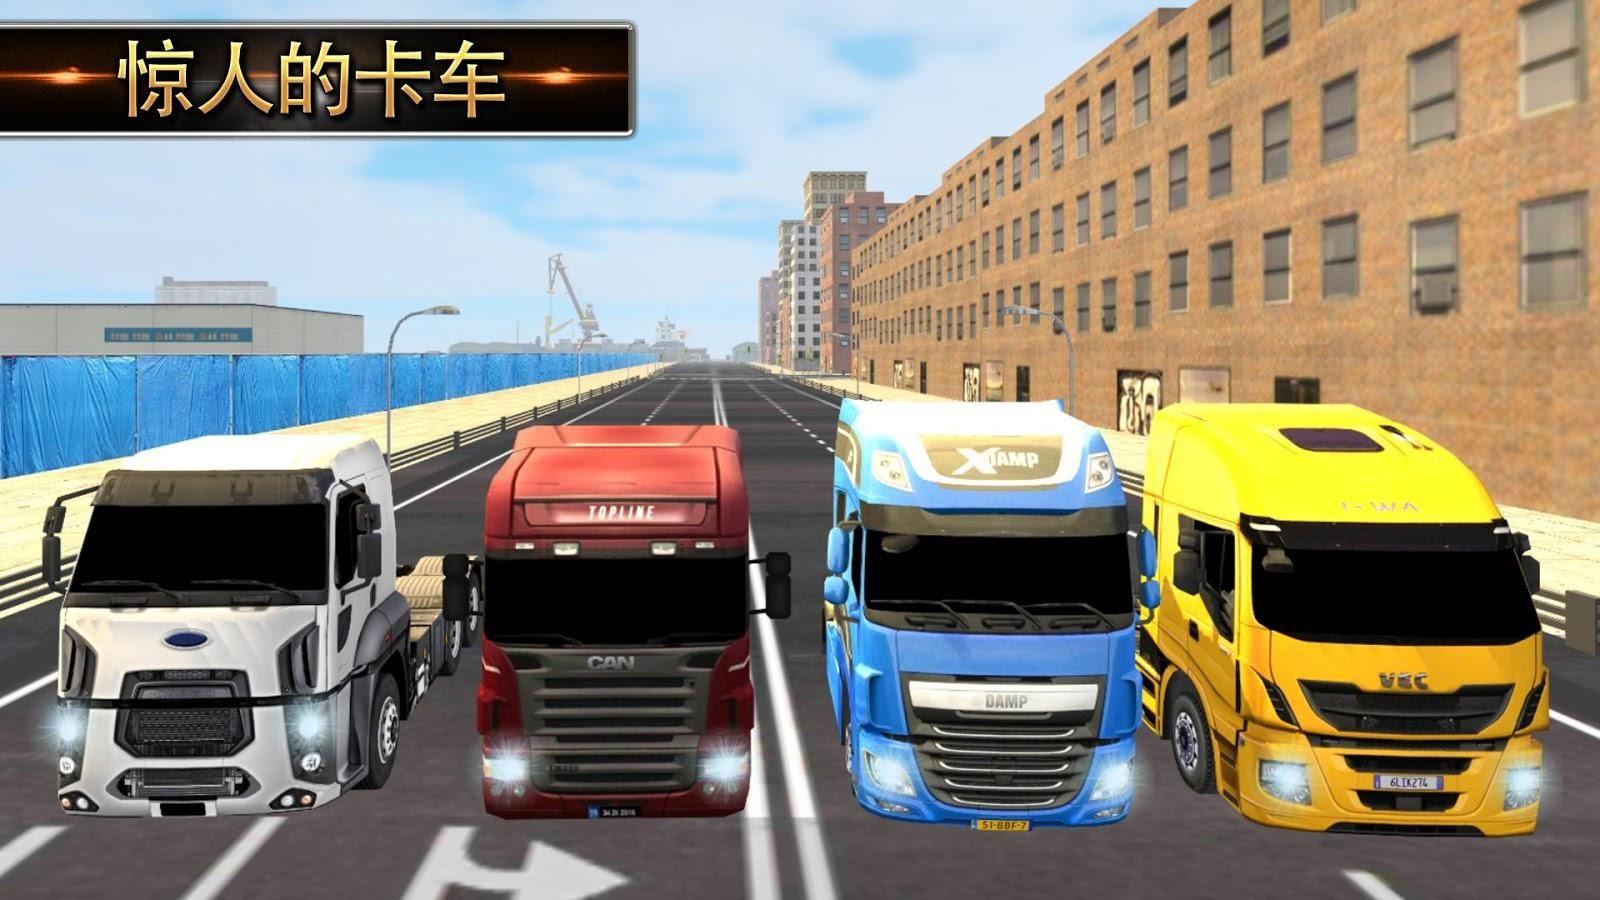 卡车模拟器2018游戏手机版下载中文版图1: